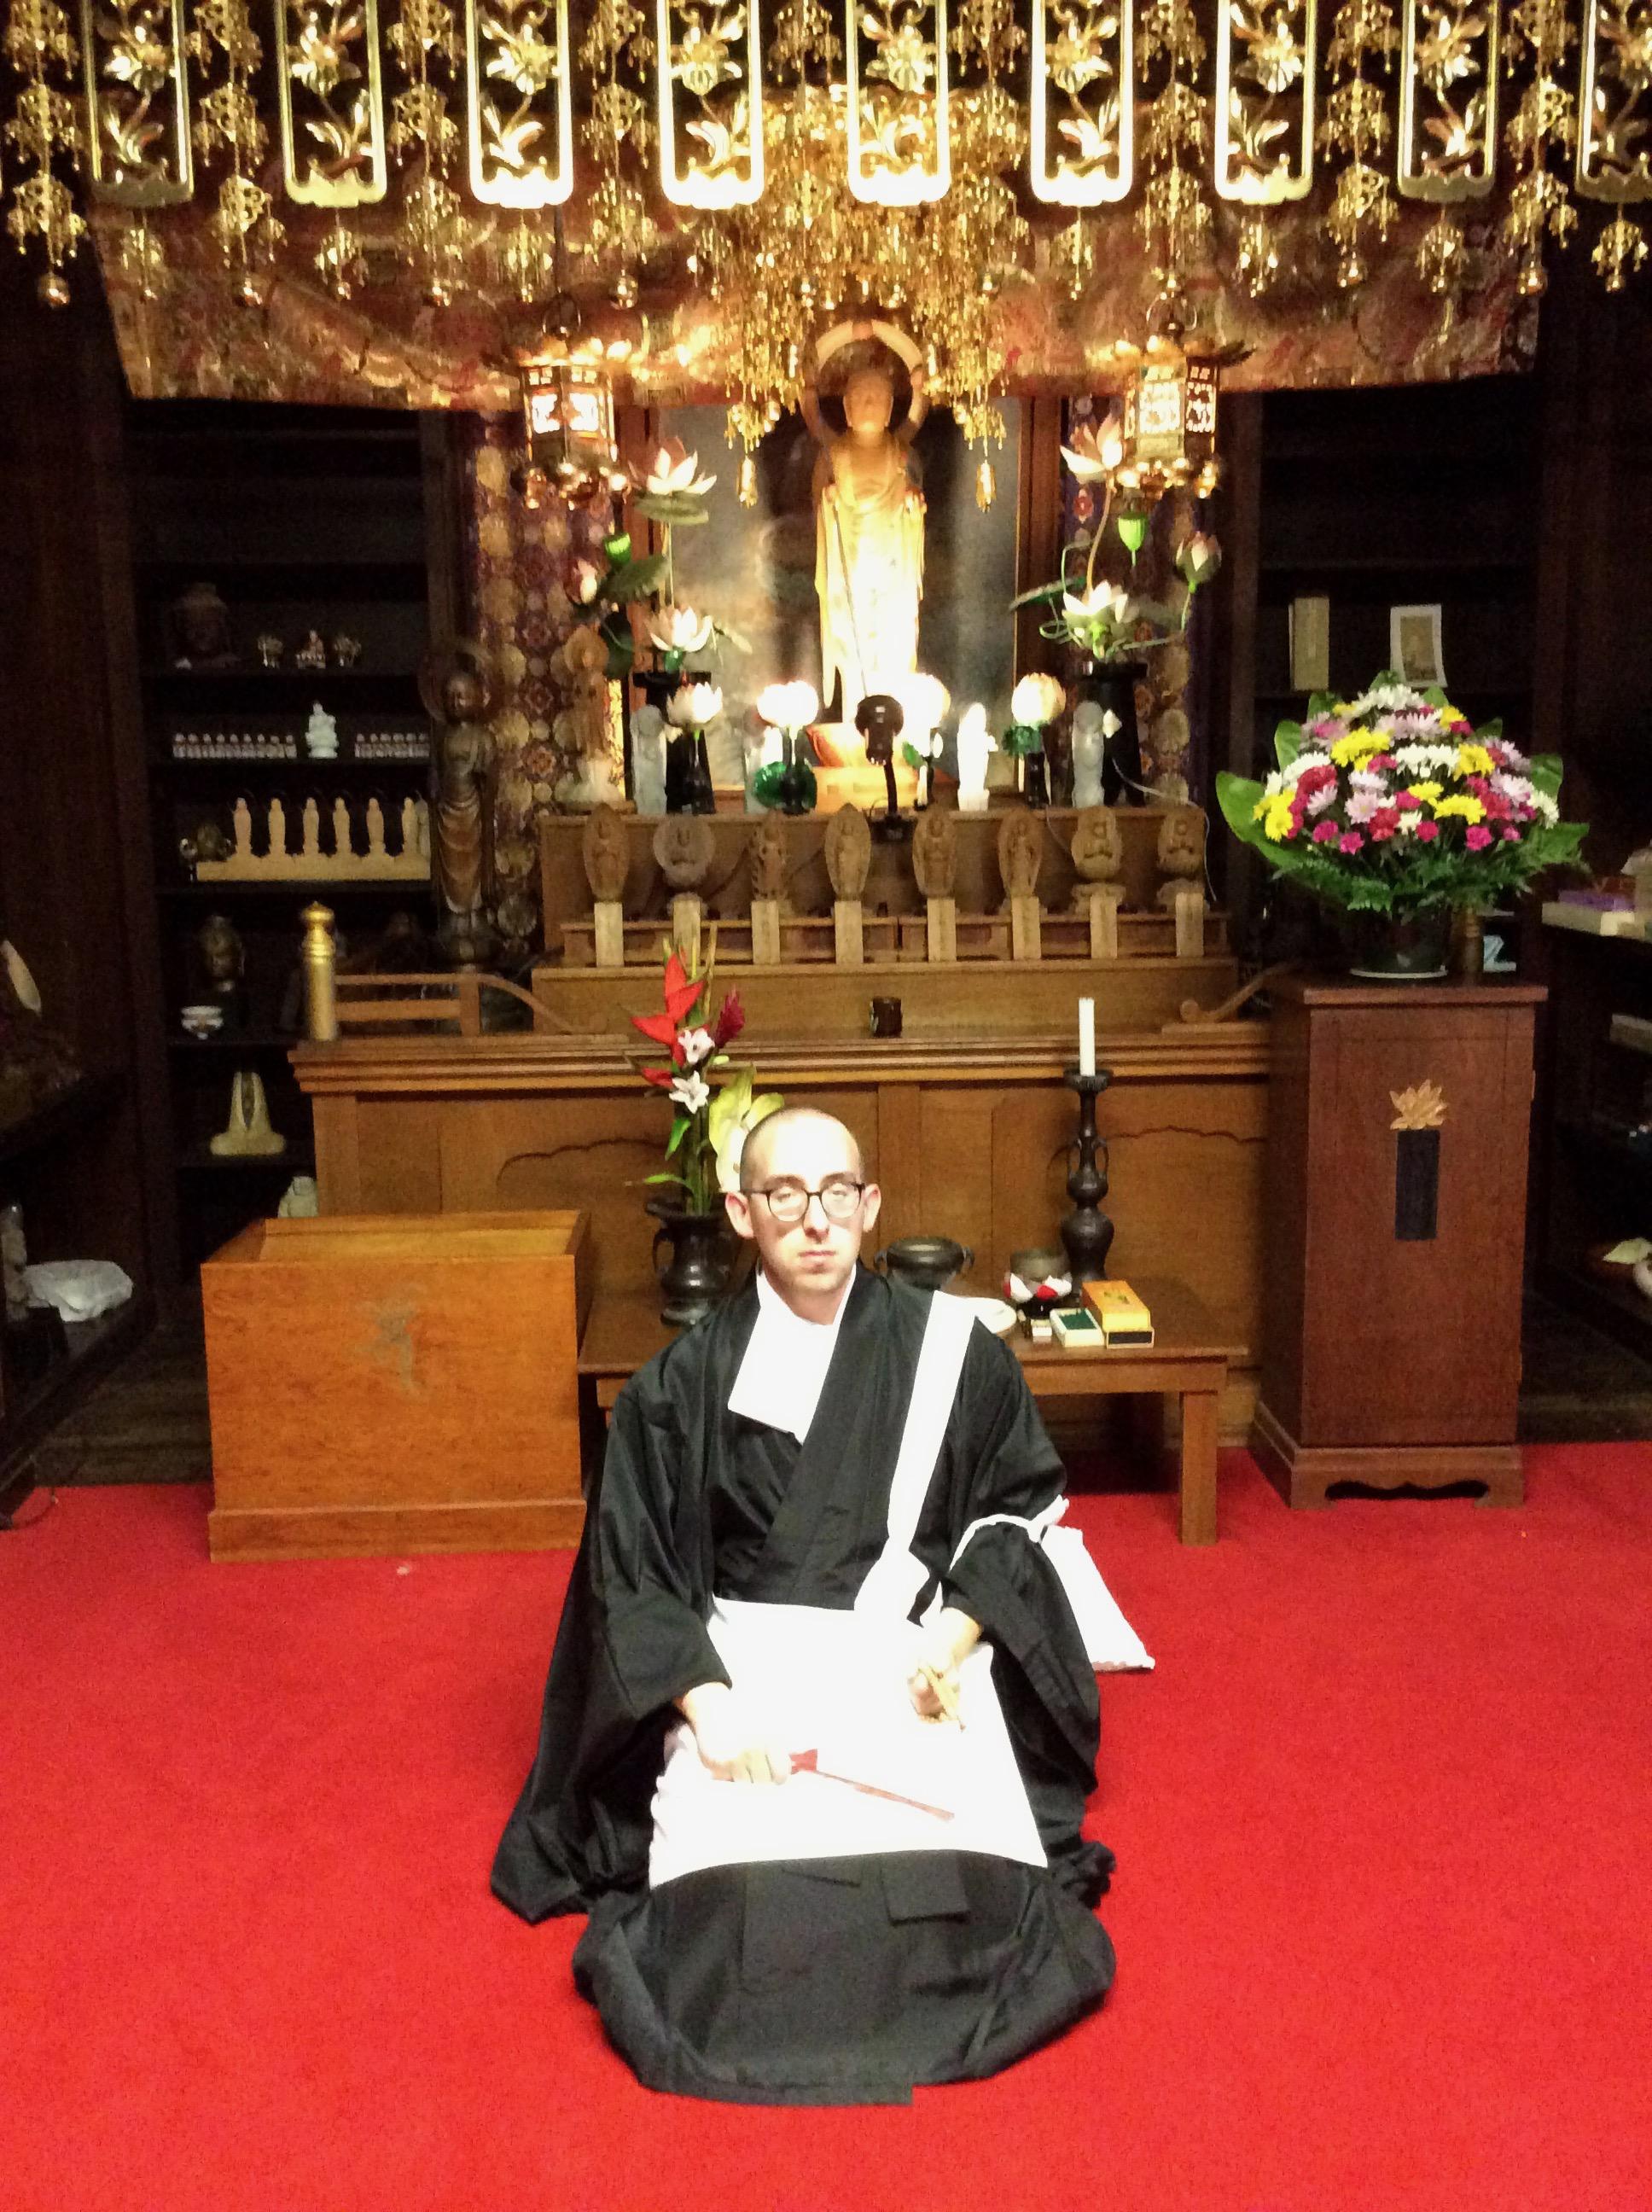 Rev. Eikai Meloncelli